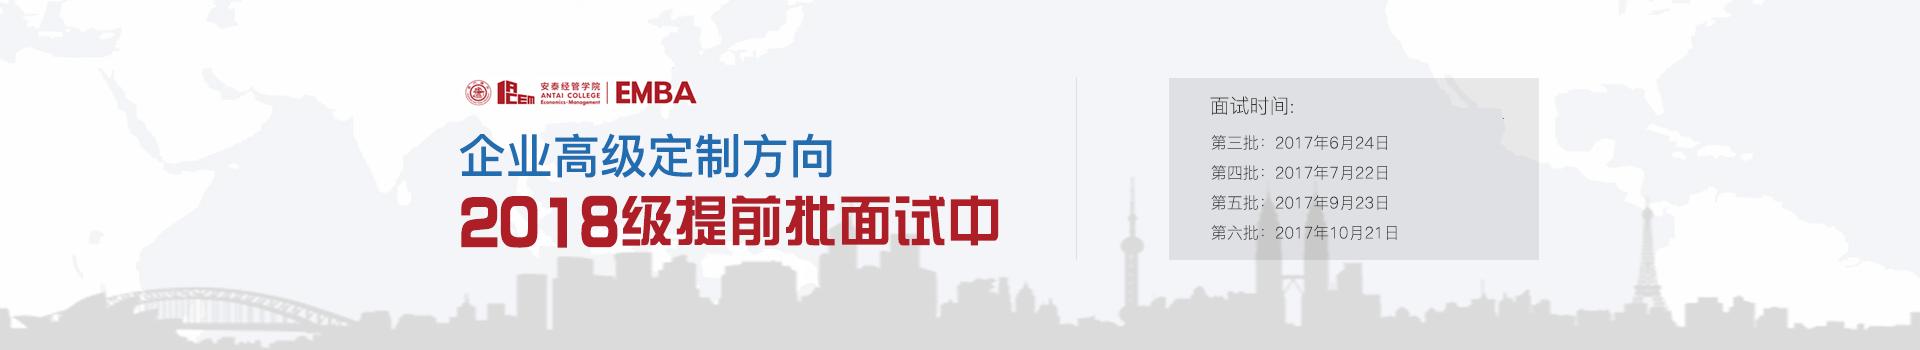 上海交通大学安泰经济与管理学院高级工商管理硕士(企业高级定制方向EMBA)招生简章